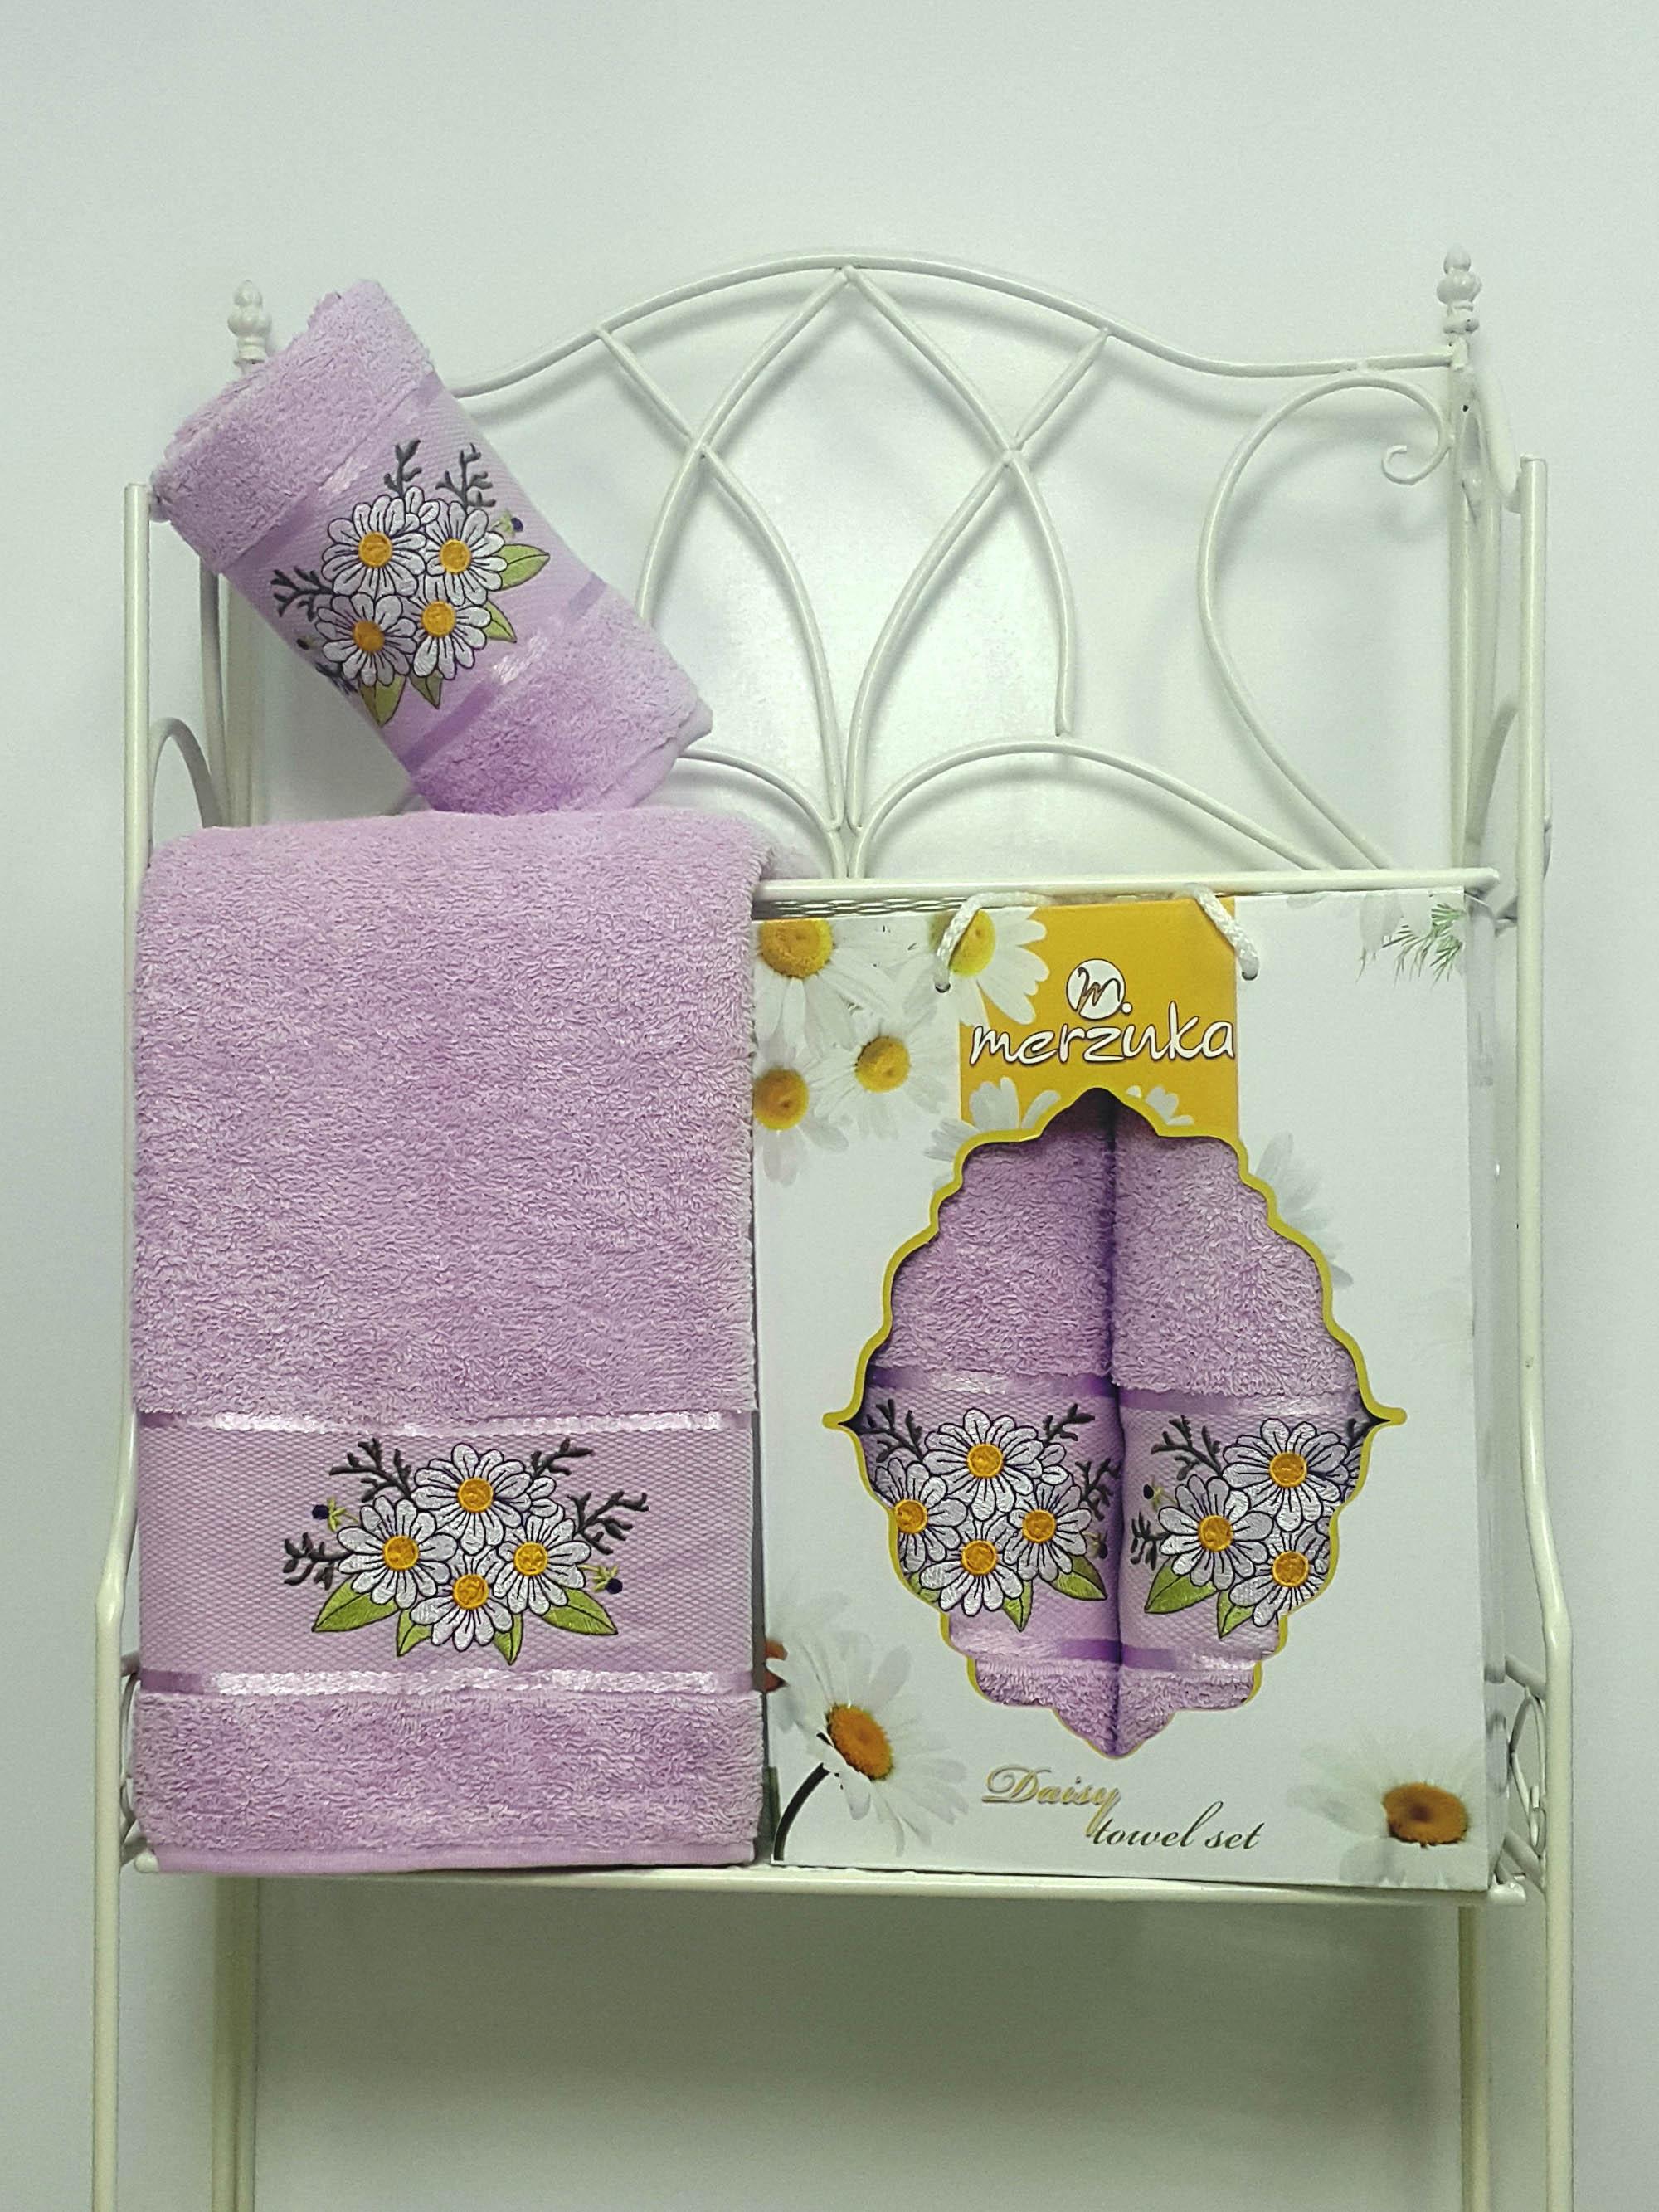 Полотенца Oran Merzuka Набор из 2 полотенец Daisy Цвет: Сиреневый полотенца oran merzuka полотенце daisy цвет сиреневый 50х80 см 2 шт 70х130 см